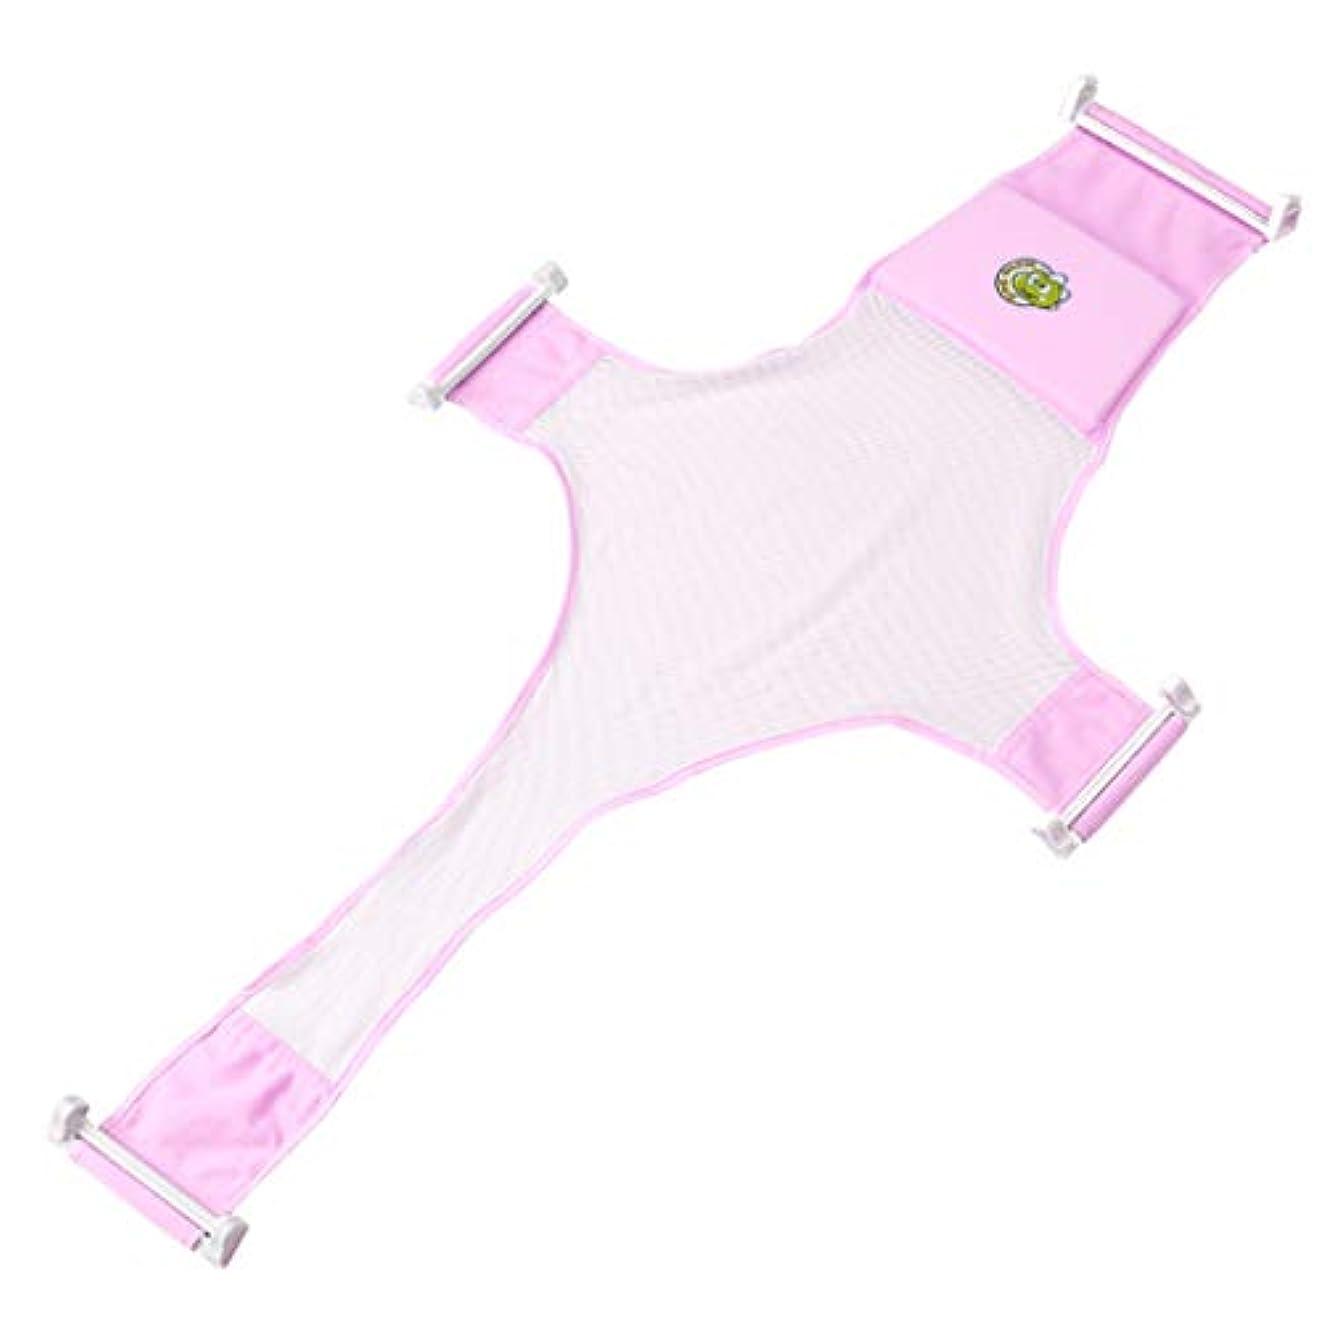 作物衝動政権Oniorベビー十字架支網 調節可能 座席 支持網 滑り止め 快適 入浴 スタンドサスペンダー ハンモック 柔らかい ピンク